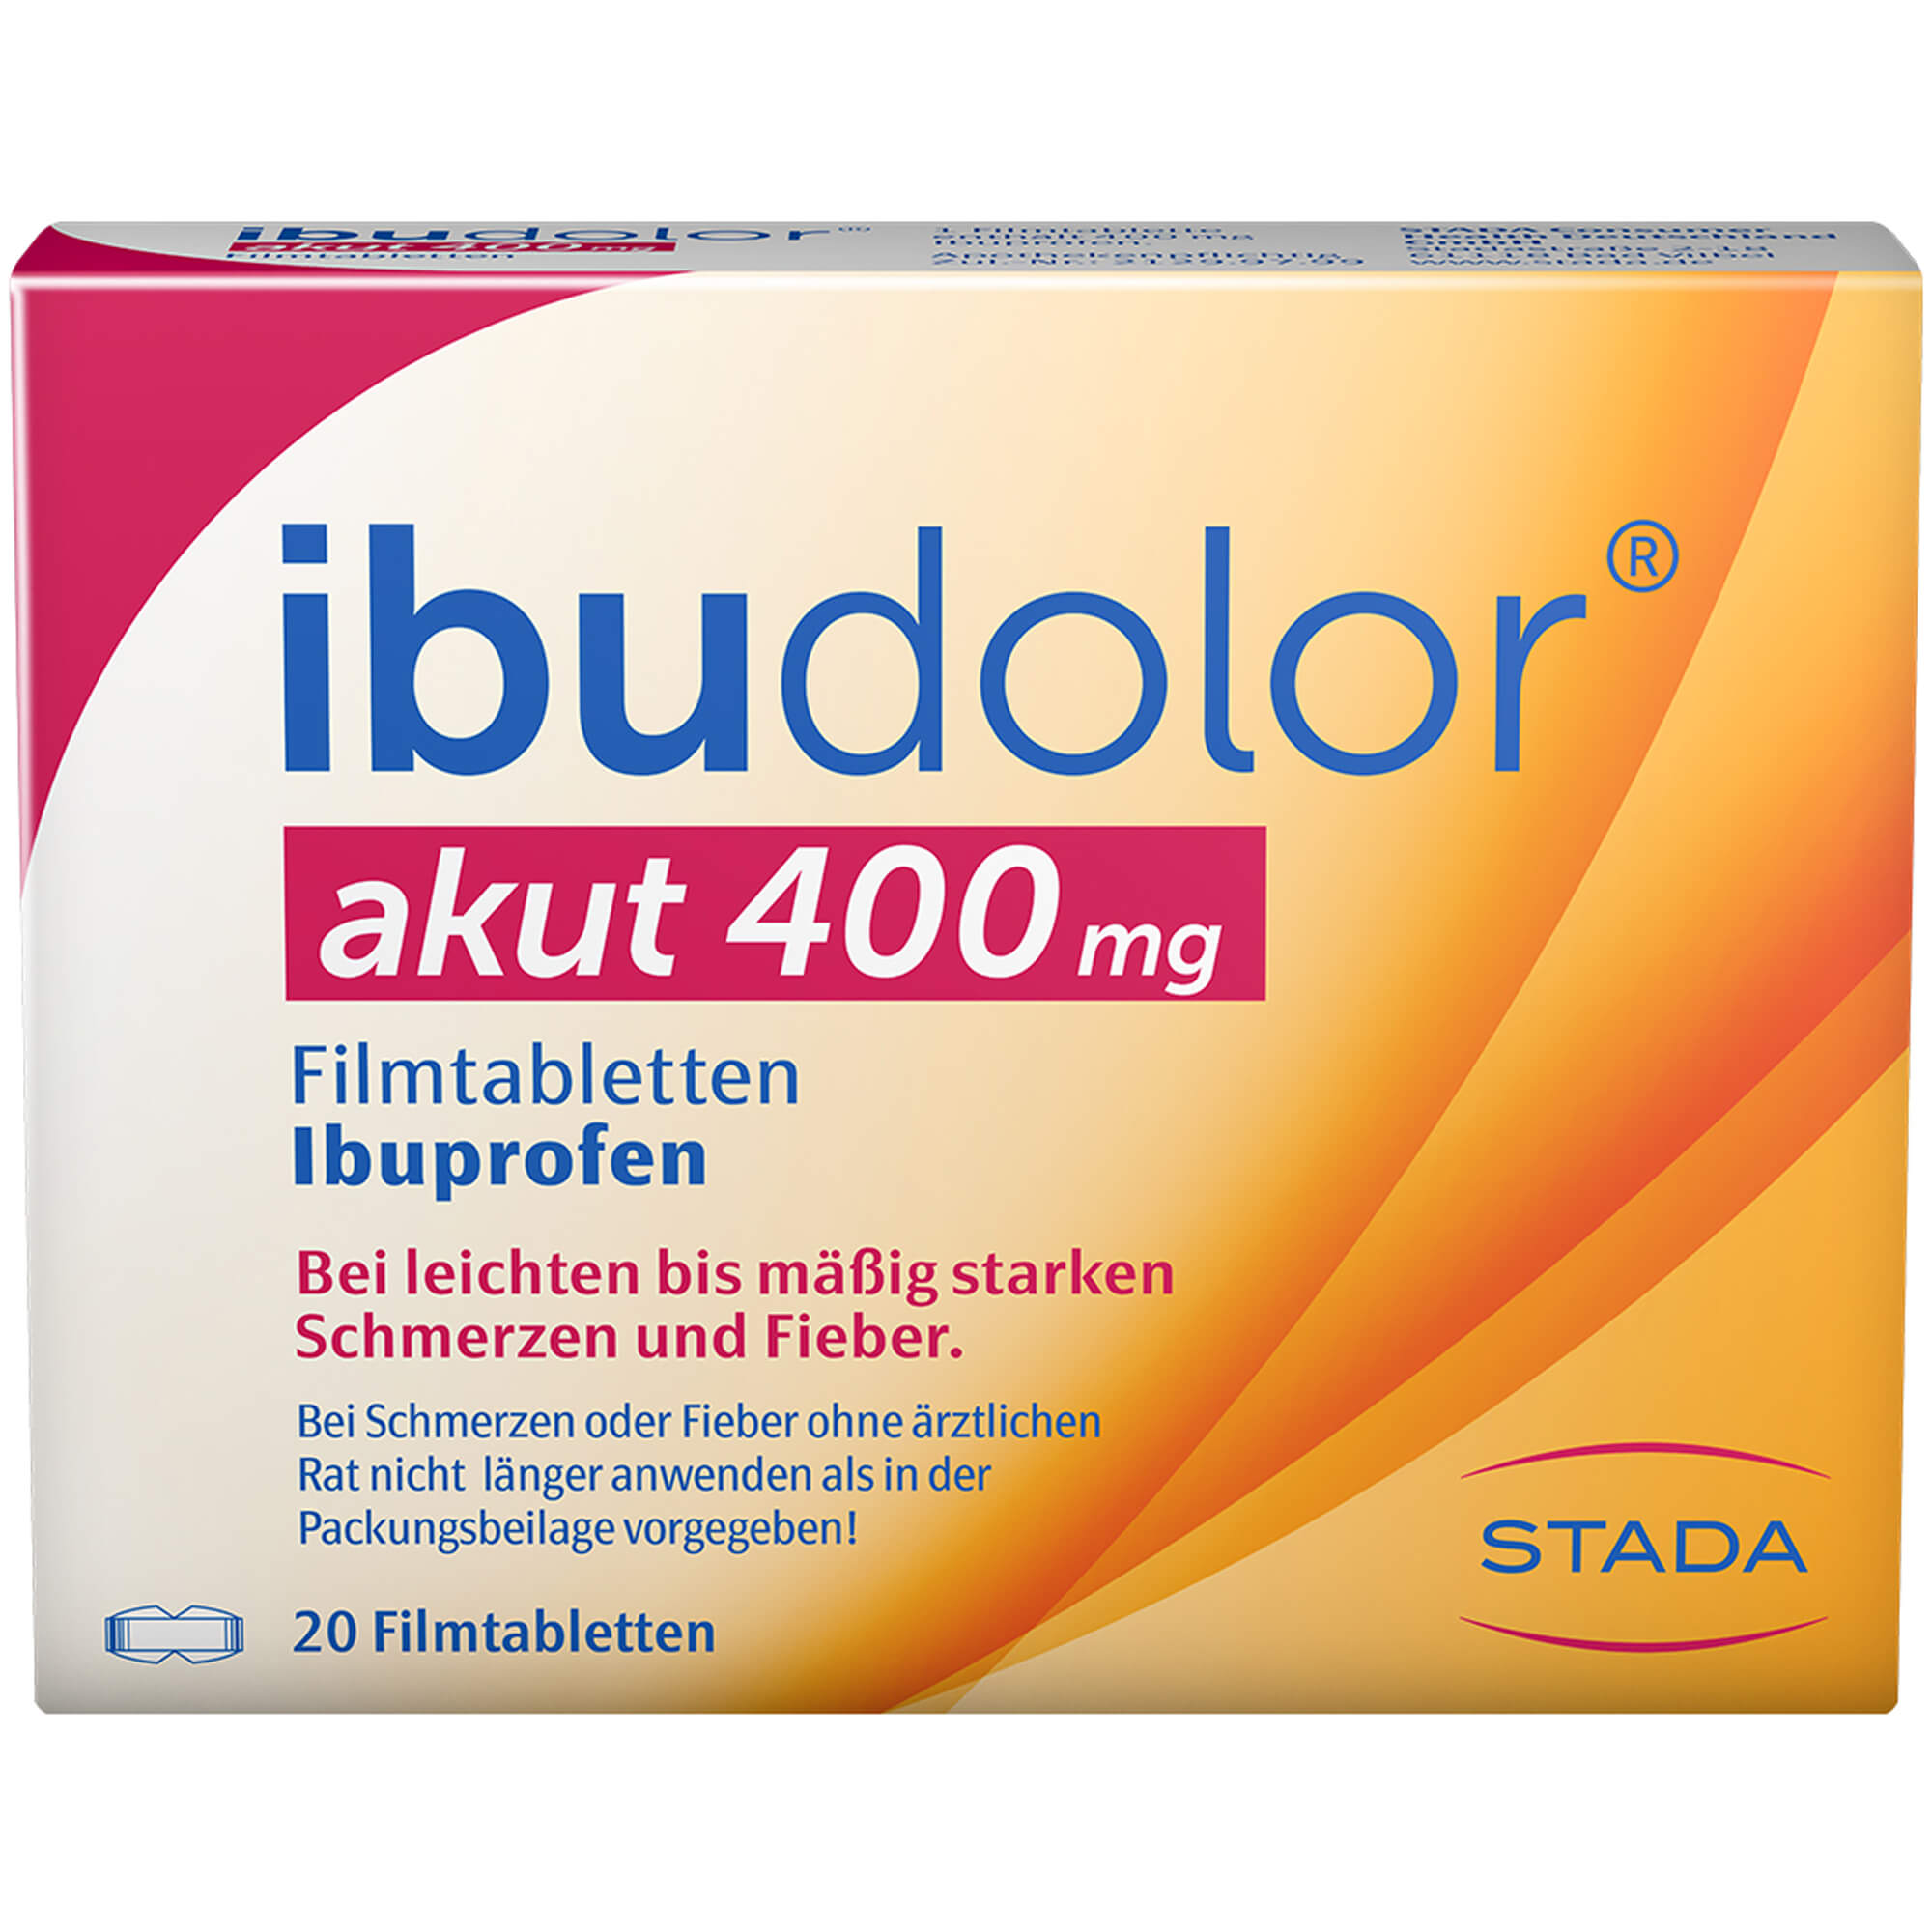 IBUDOLOR akut 400 mg Filmtabletten